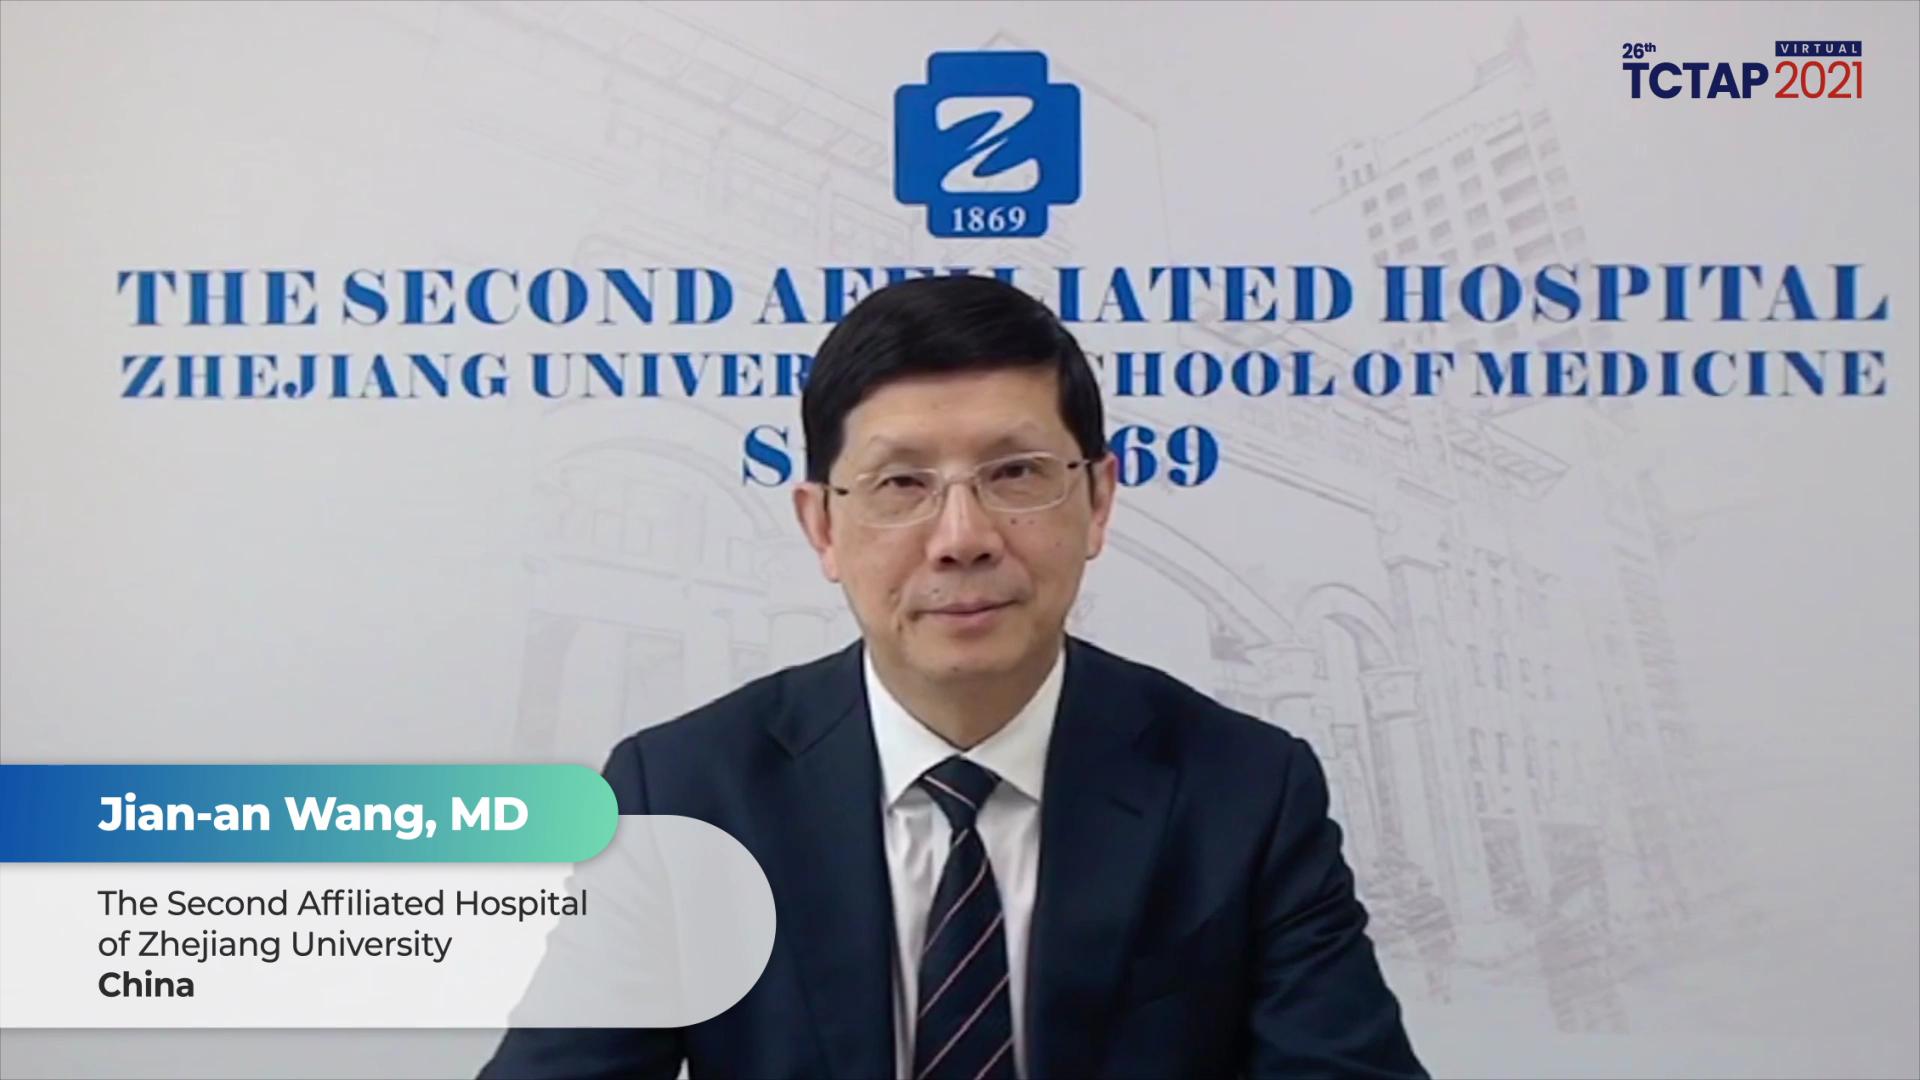 Congratulatory Message to TCTAP 2021 Virtual from Jian-an Wang, MD